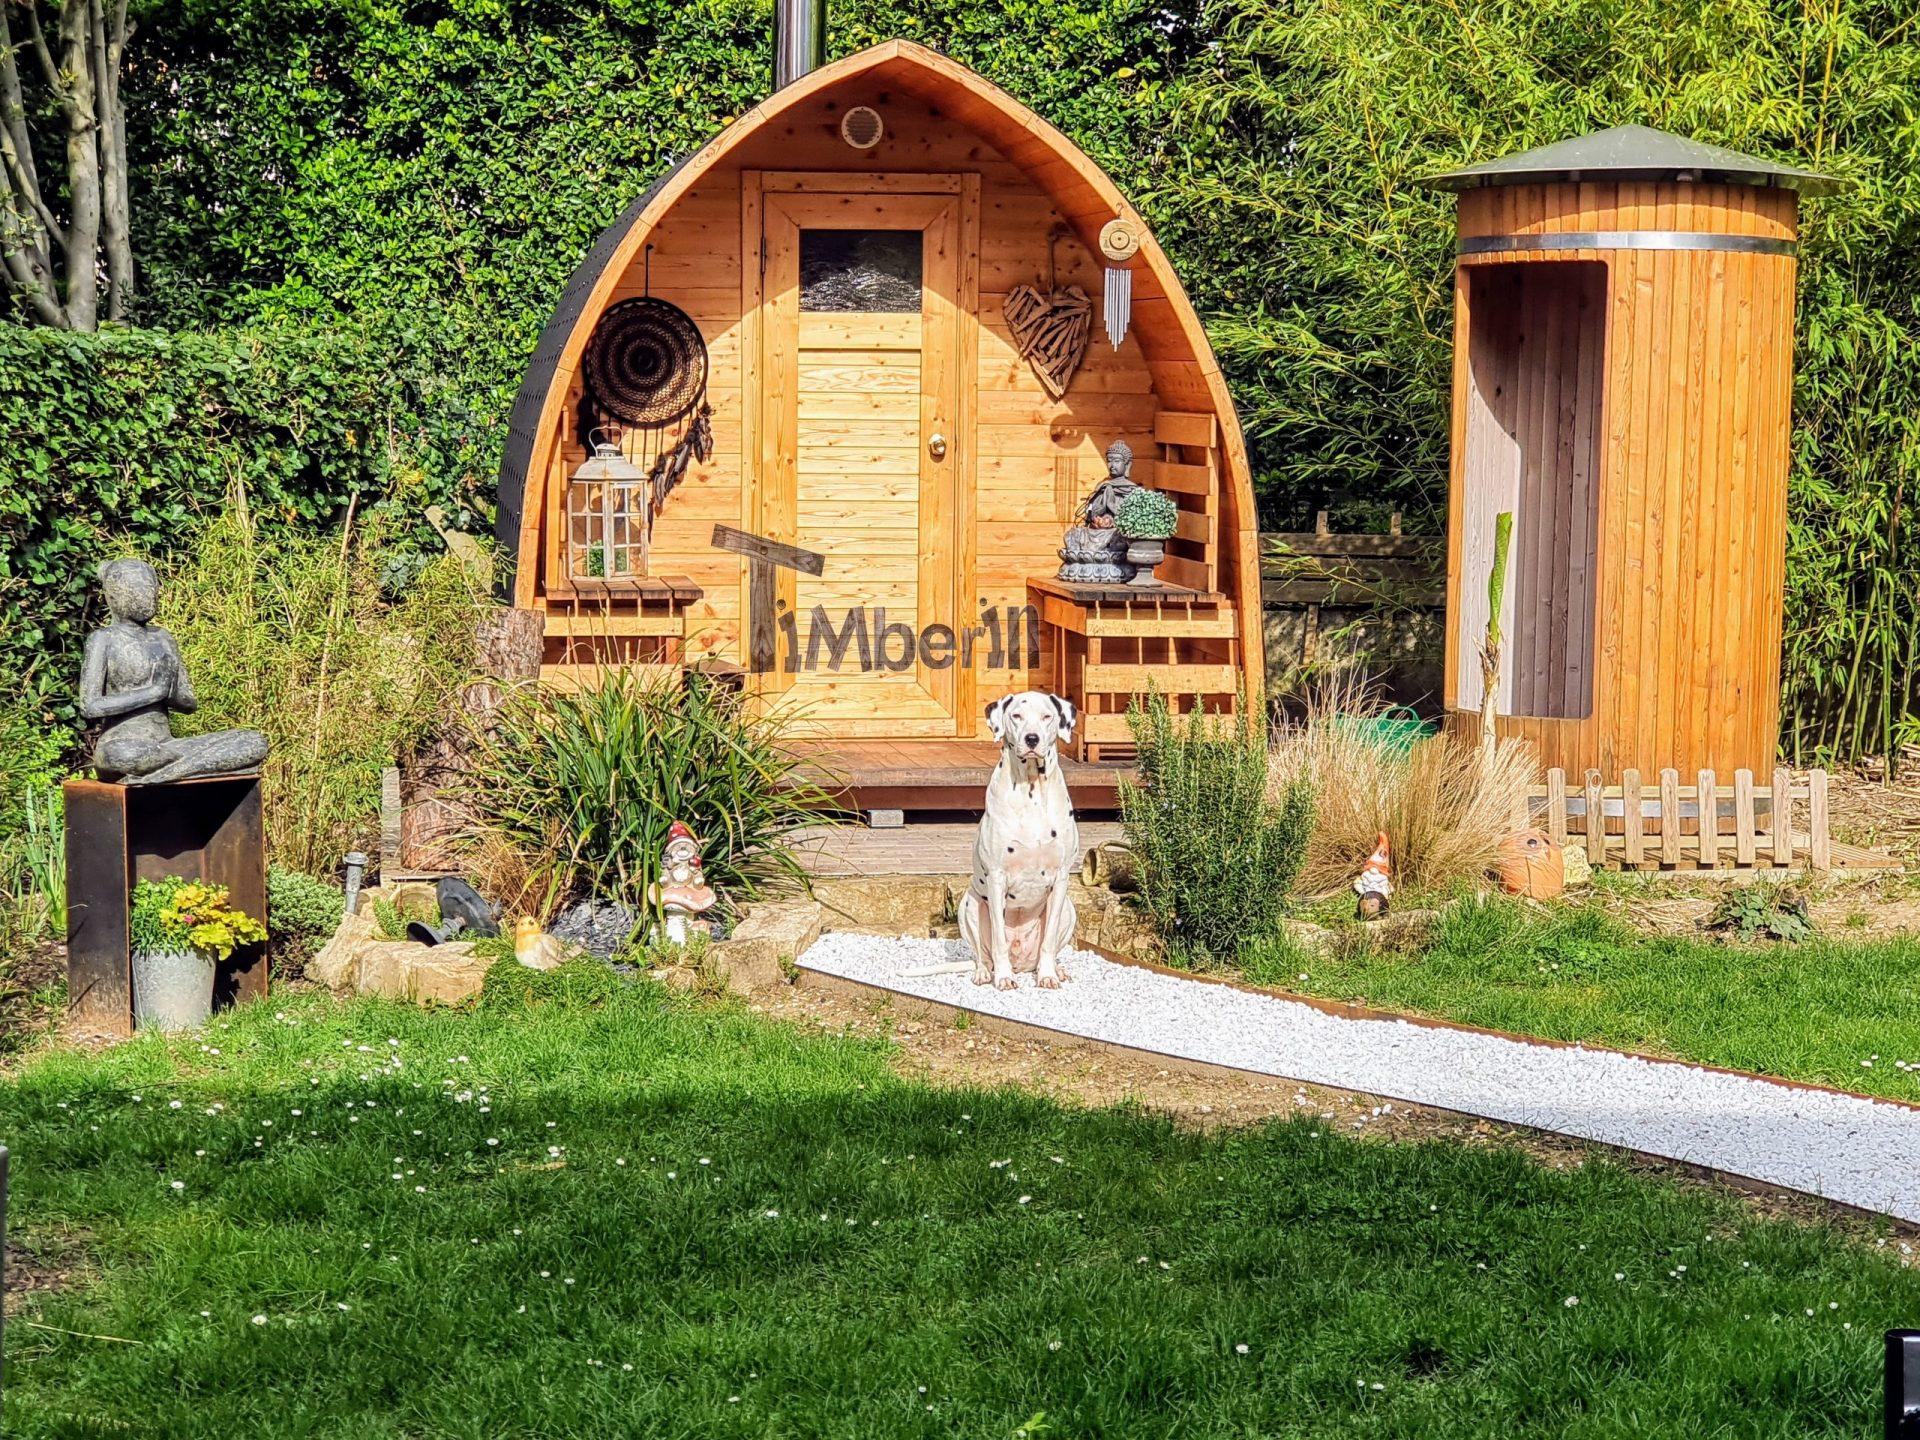 Außensauna Gartensauna Iglu Pod mit Holzofen Elektrisch scaled